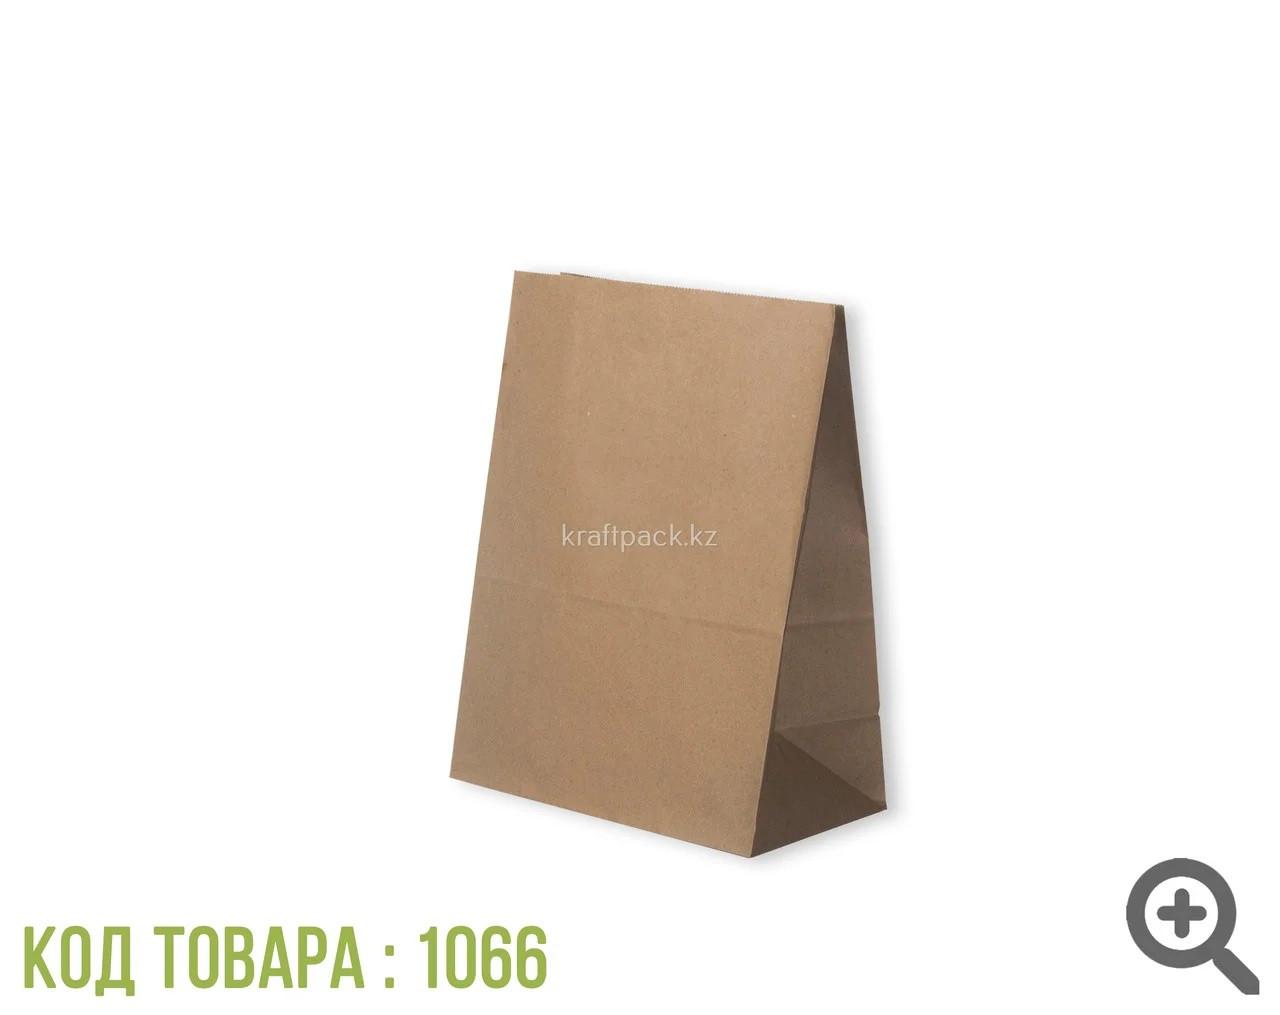 Бумажный крафт пакет, бурый 50гр 220*120*290 (1000шт/уп)